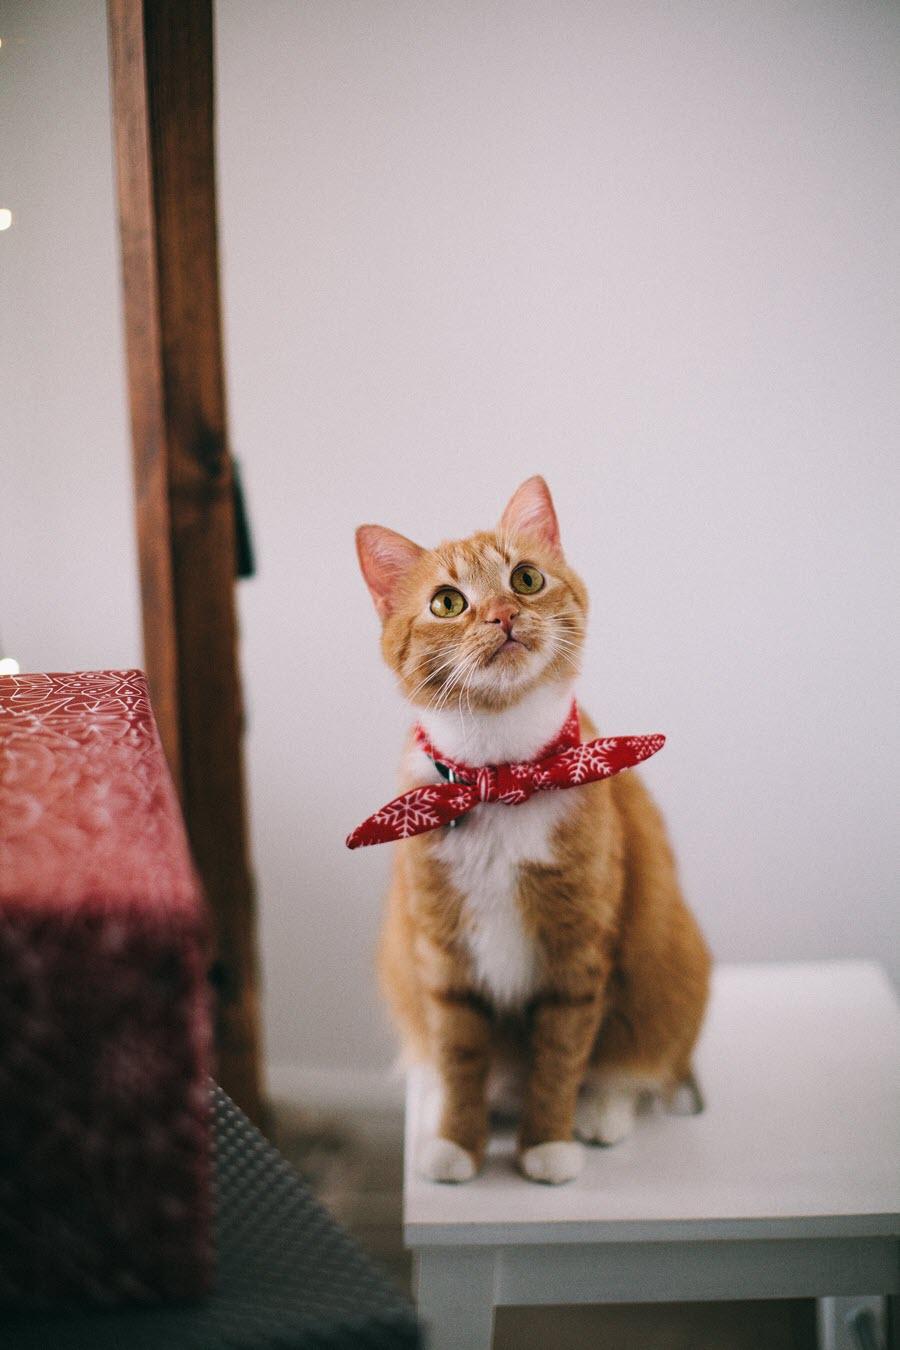 Ảnh mèo dễ thương